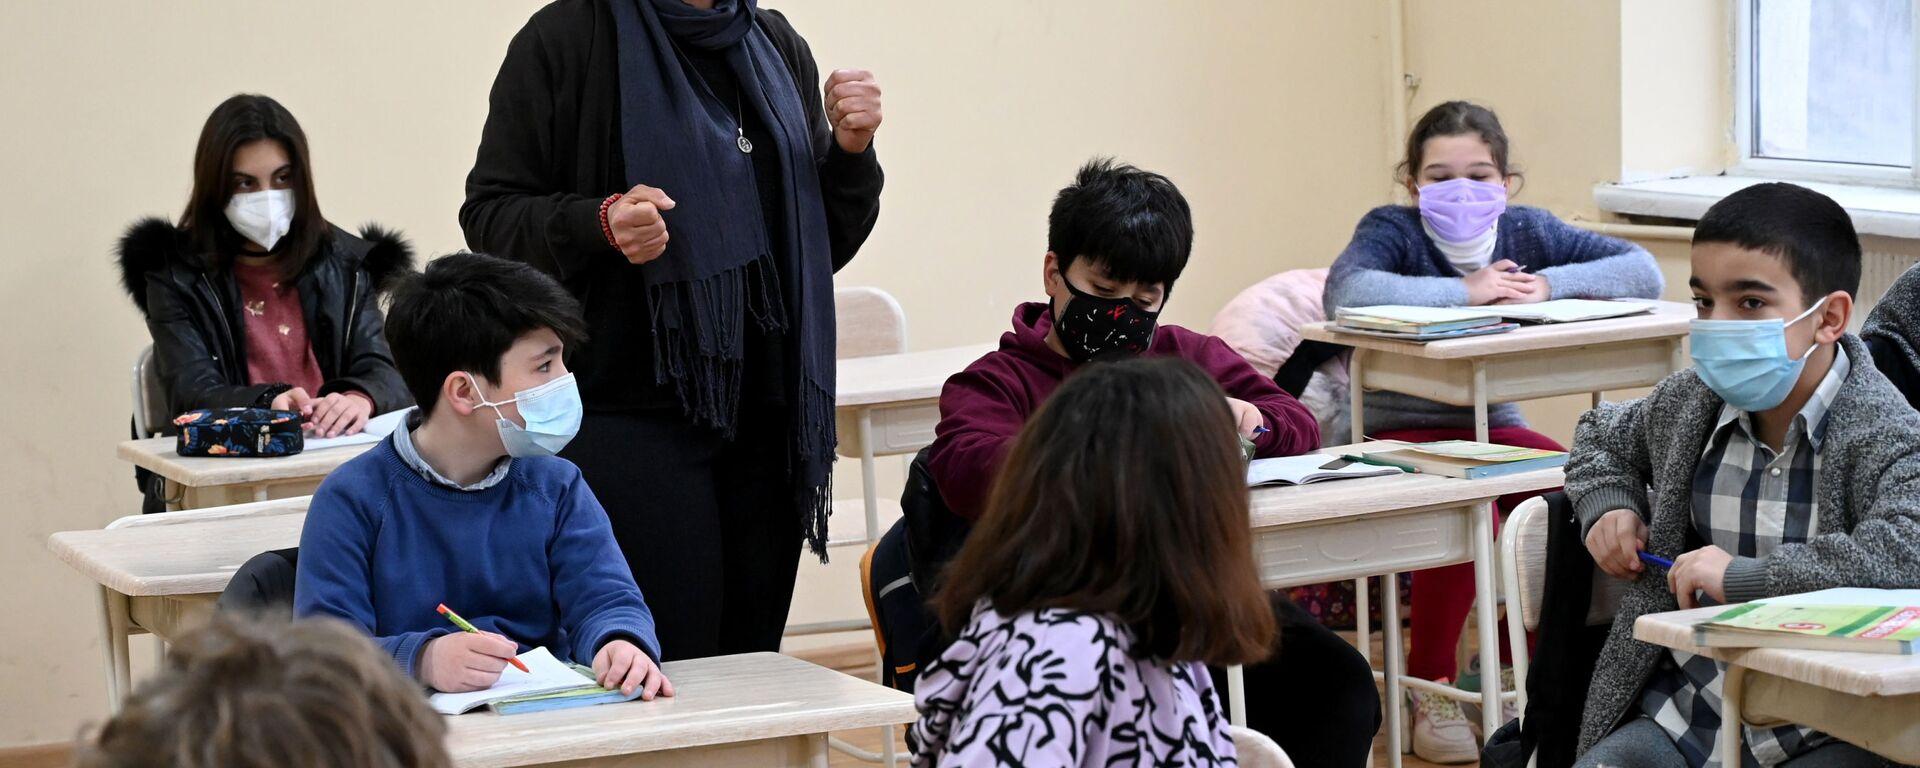 Учеба в школе во время эпидемии коронавируса - дети и педагоги в масках - Sputnik Грузия, 1920, 11.08.2021